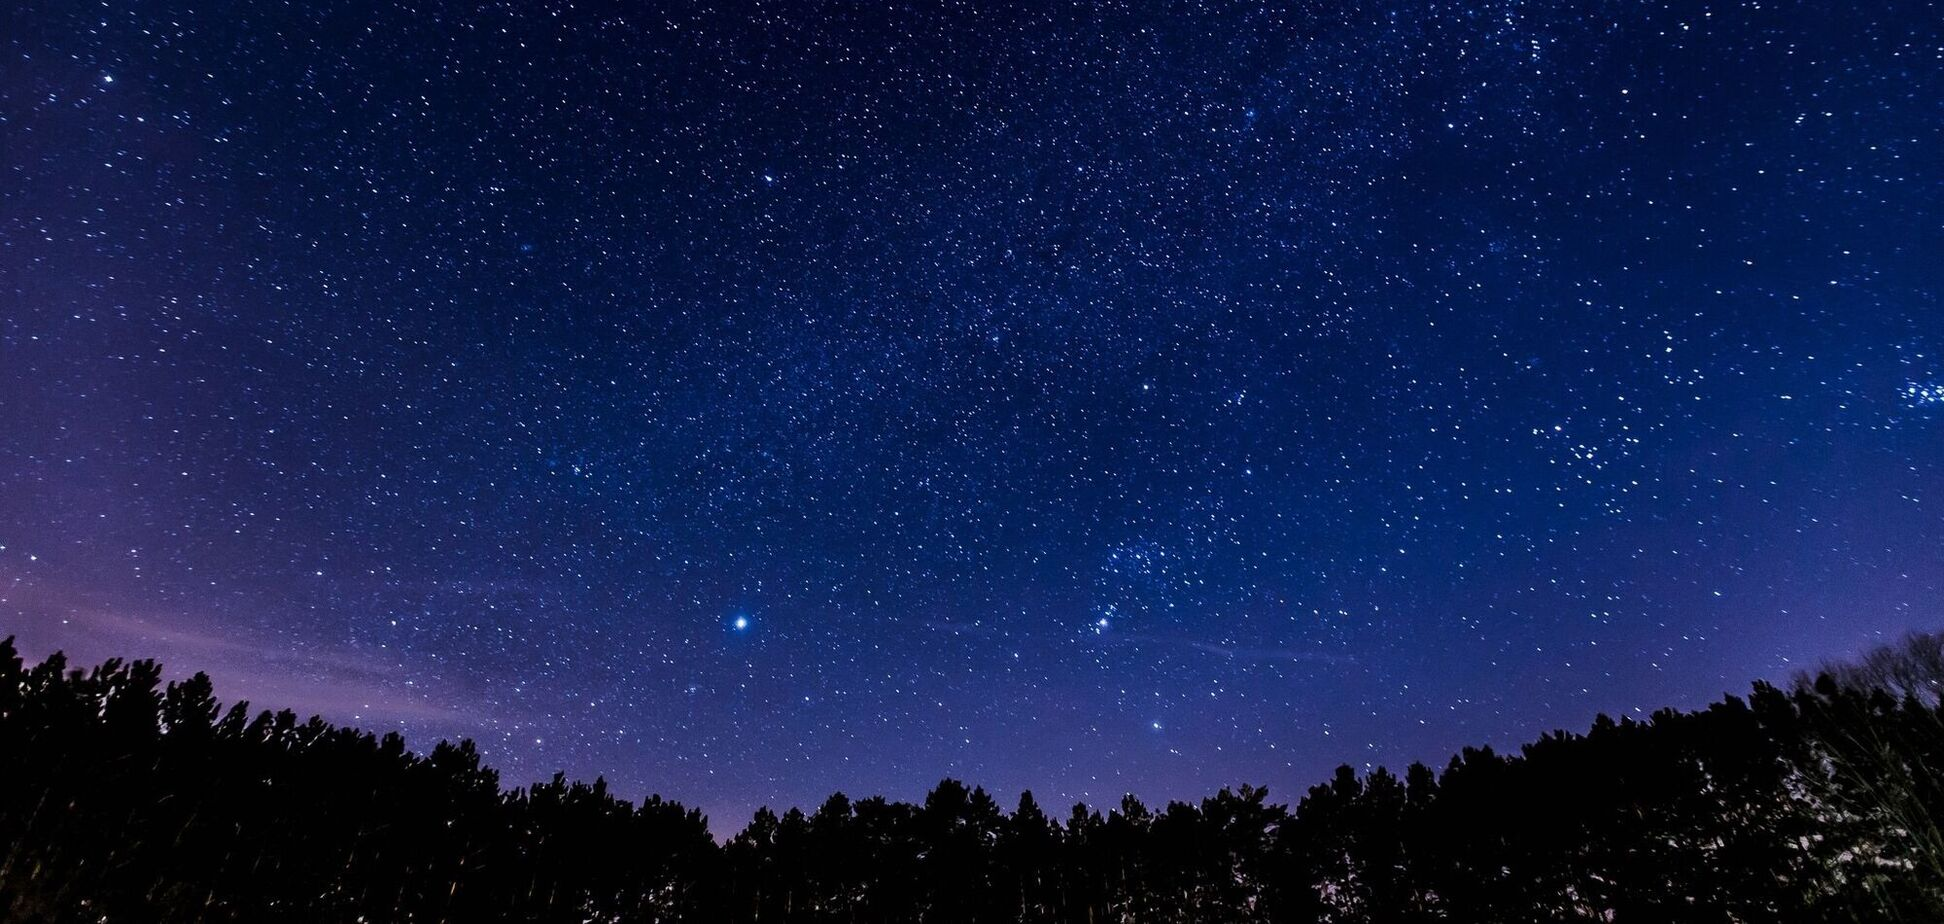 У листопаді 2020 року українці зможуть спостерігати метеорні потоки Тауриди і Леоніди